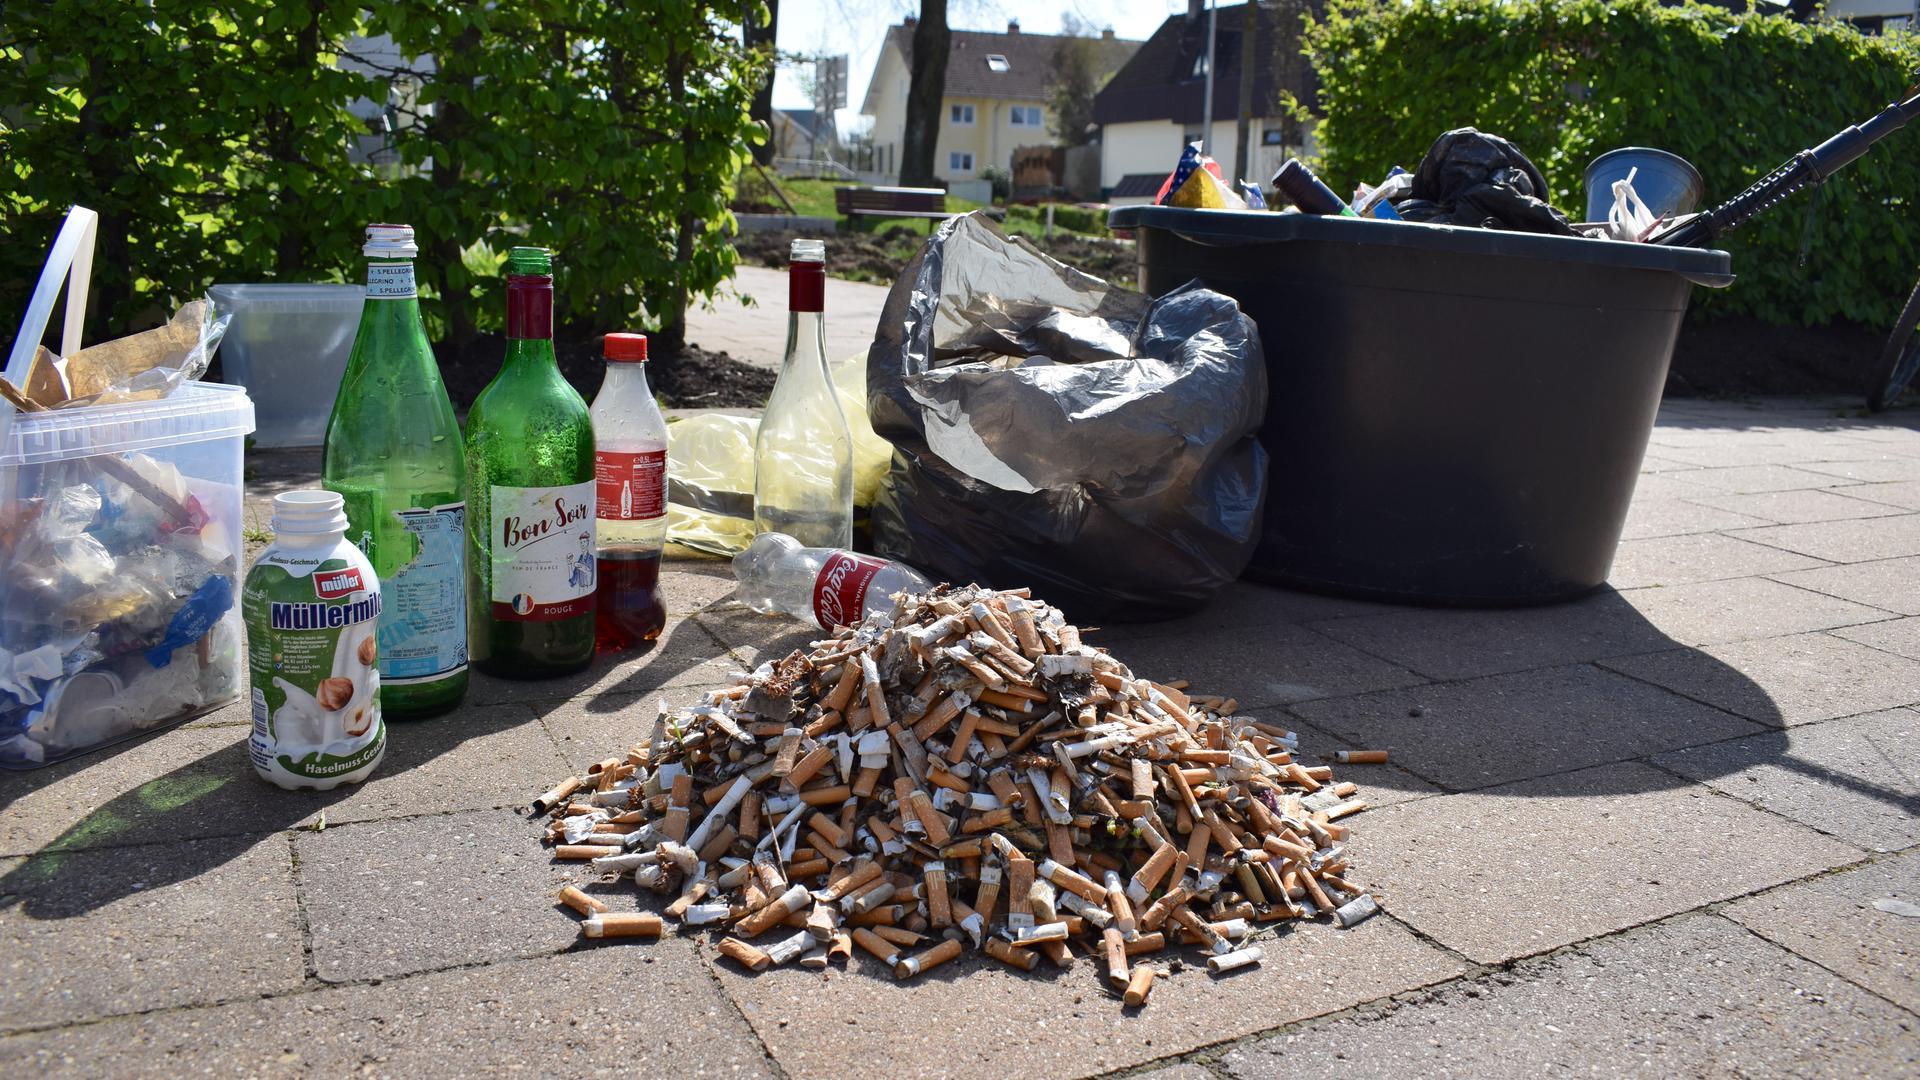 Ein Berg Zigarettenkippen und leere Flaschen.